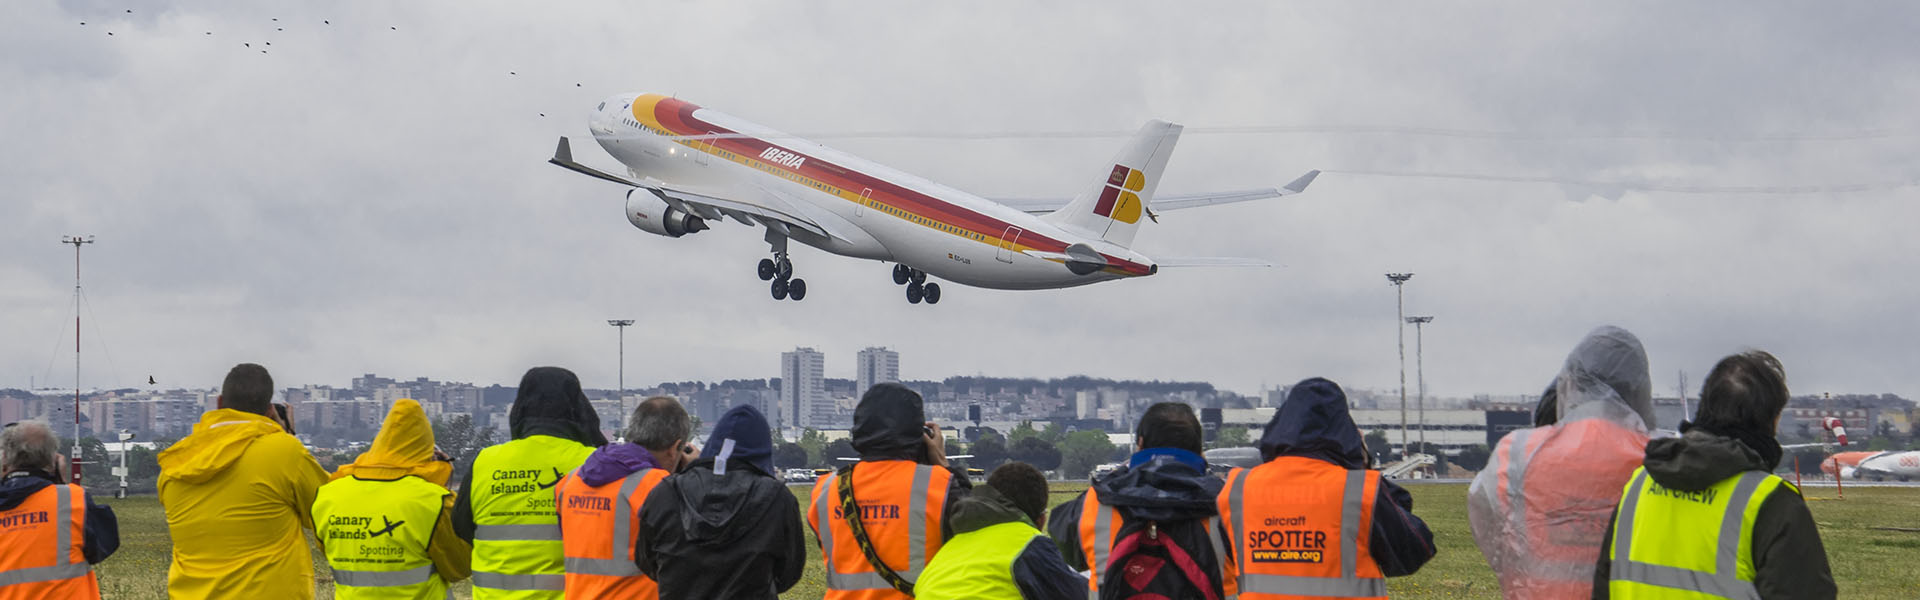 Spotters foto Aeropuerto Madrid Barajas